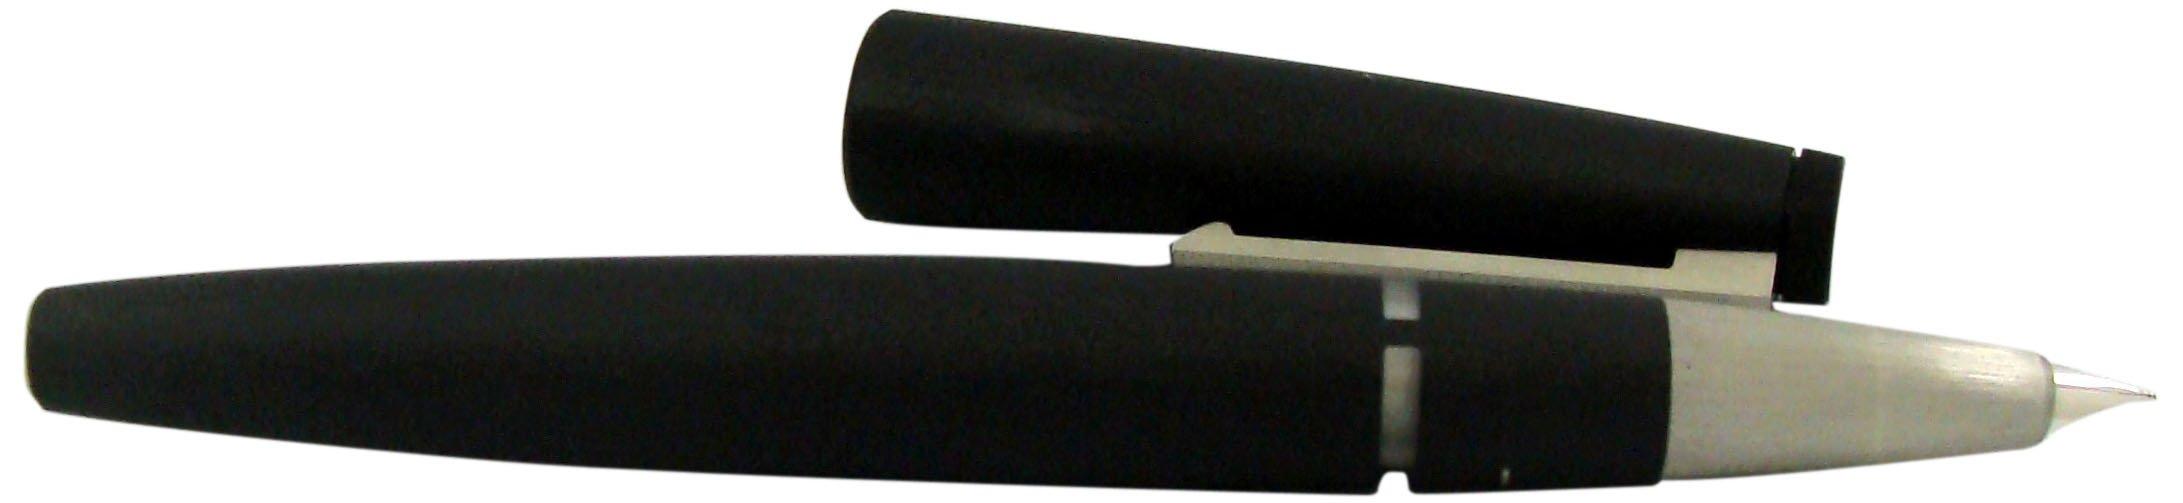 LAMY 2000 Fountain Pen Black Fine (L01F) by Lamy